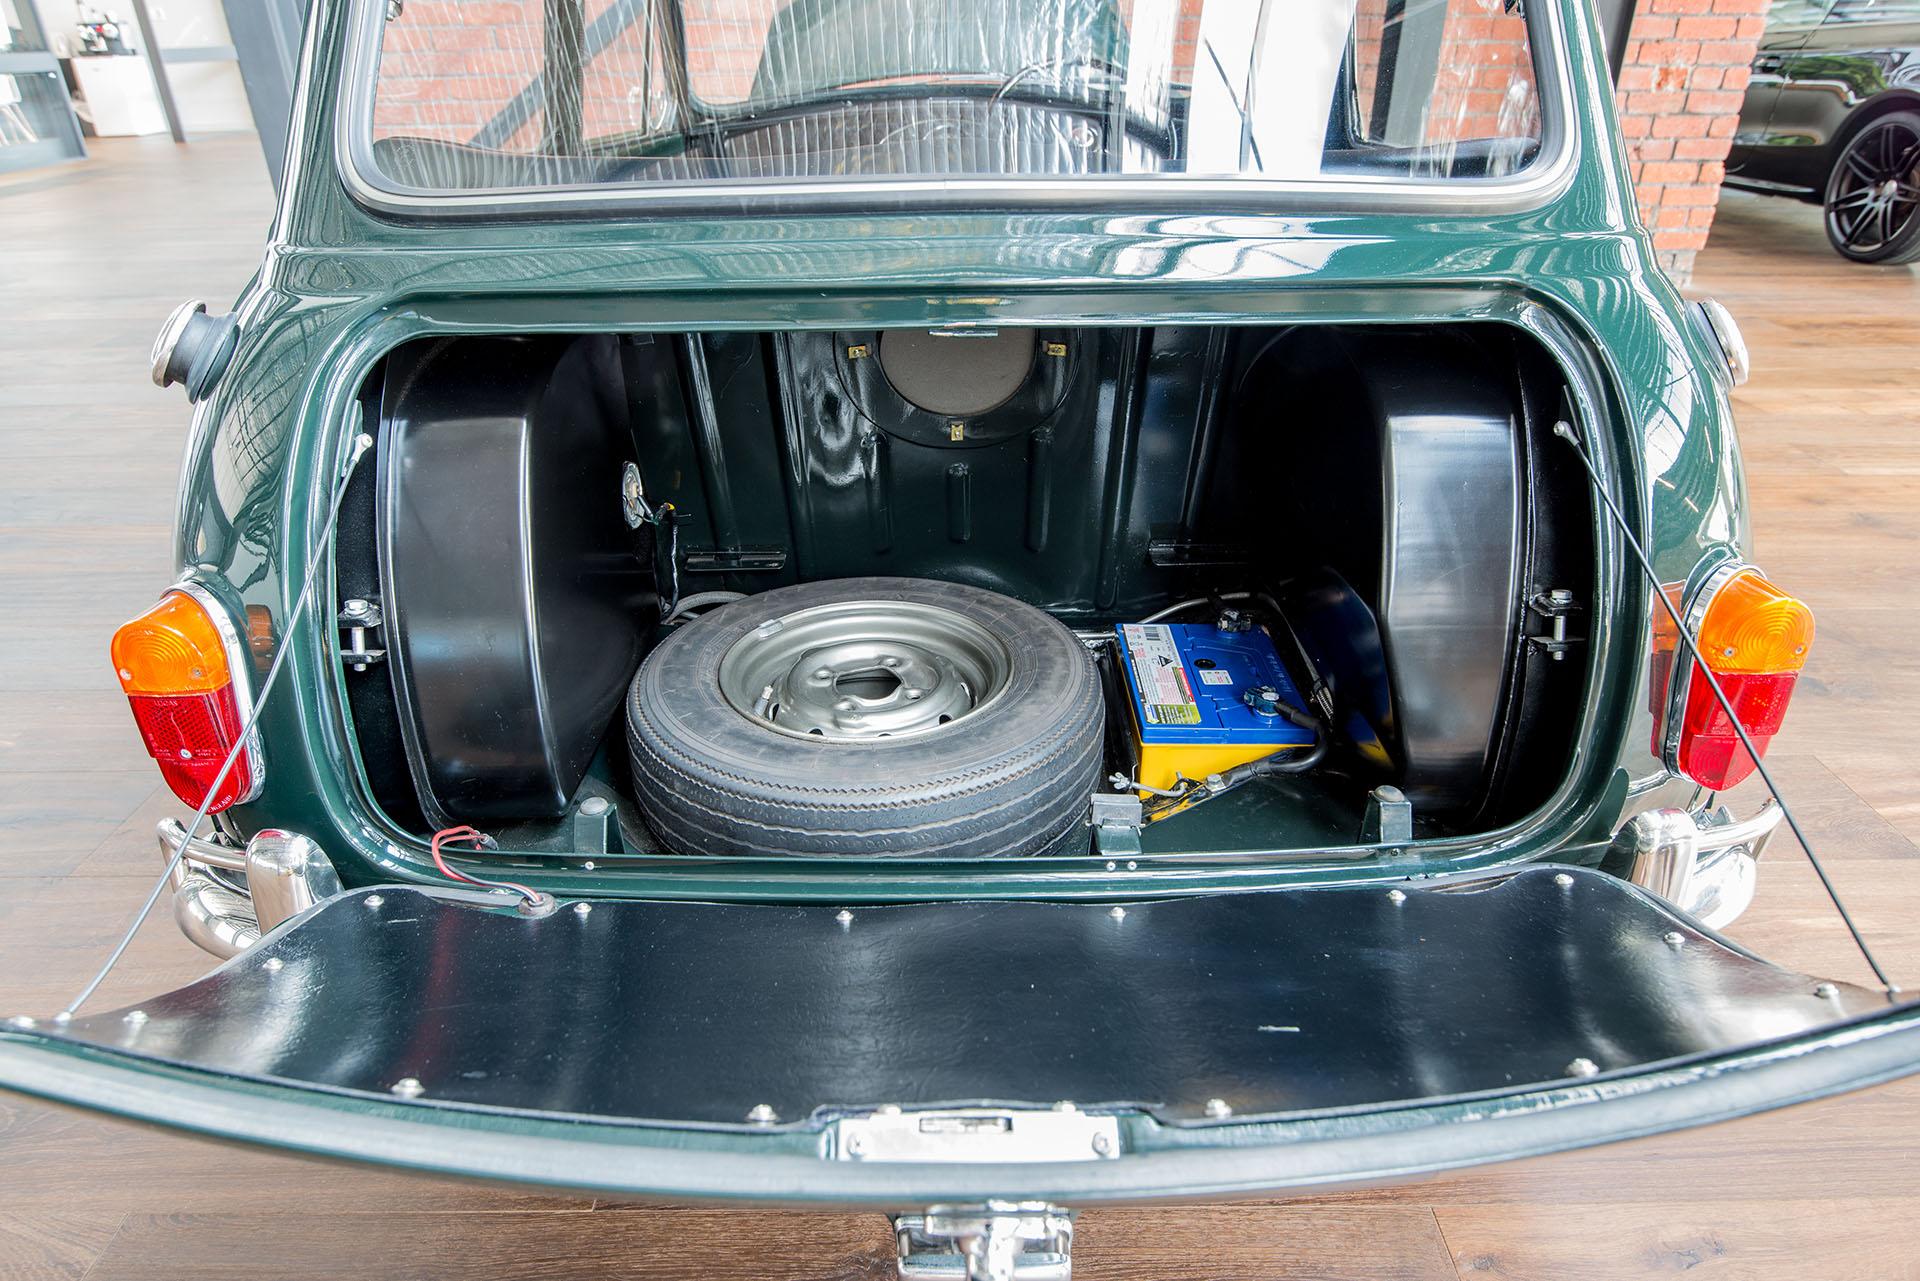 Mini Cooper Price Australia >> 1966 Morris Mini Cooper S - Richmonds - Classic and Prestige Cars - Storage and Sales - Adelaide ...